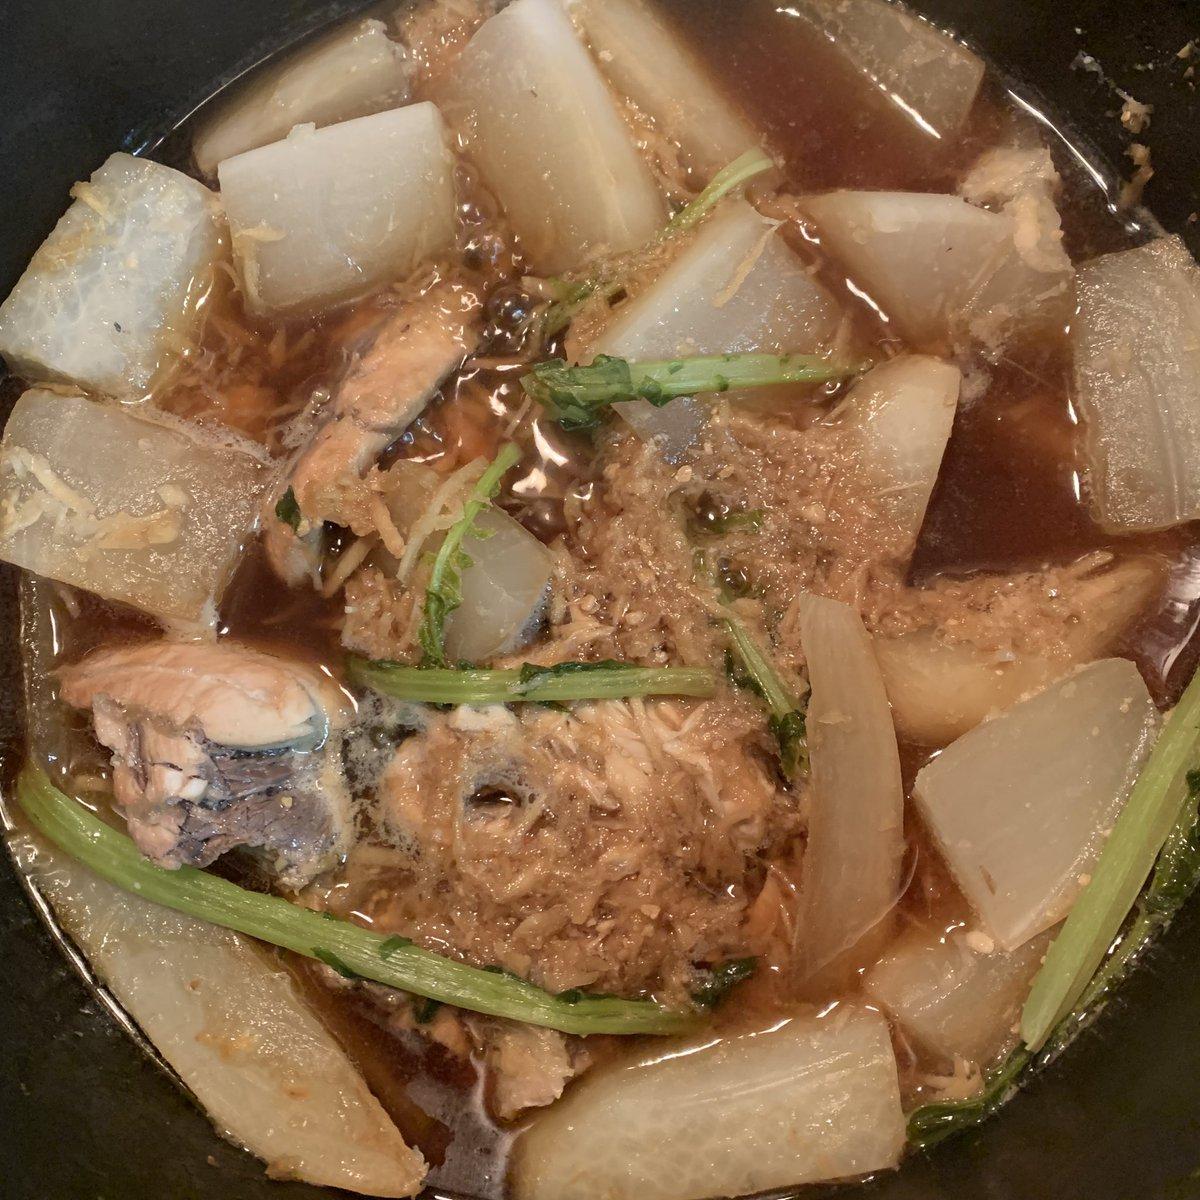 帰りスーパーでブリが売ってなかったのでサバを買い、ネットのレシピを頼りにサバ味噌+大根を下茹でしてから作ってみたら、我ながら激うまでした🐟生姜のすり身を大量に投下💦秋は魚も美味しい🐠